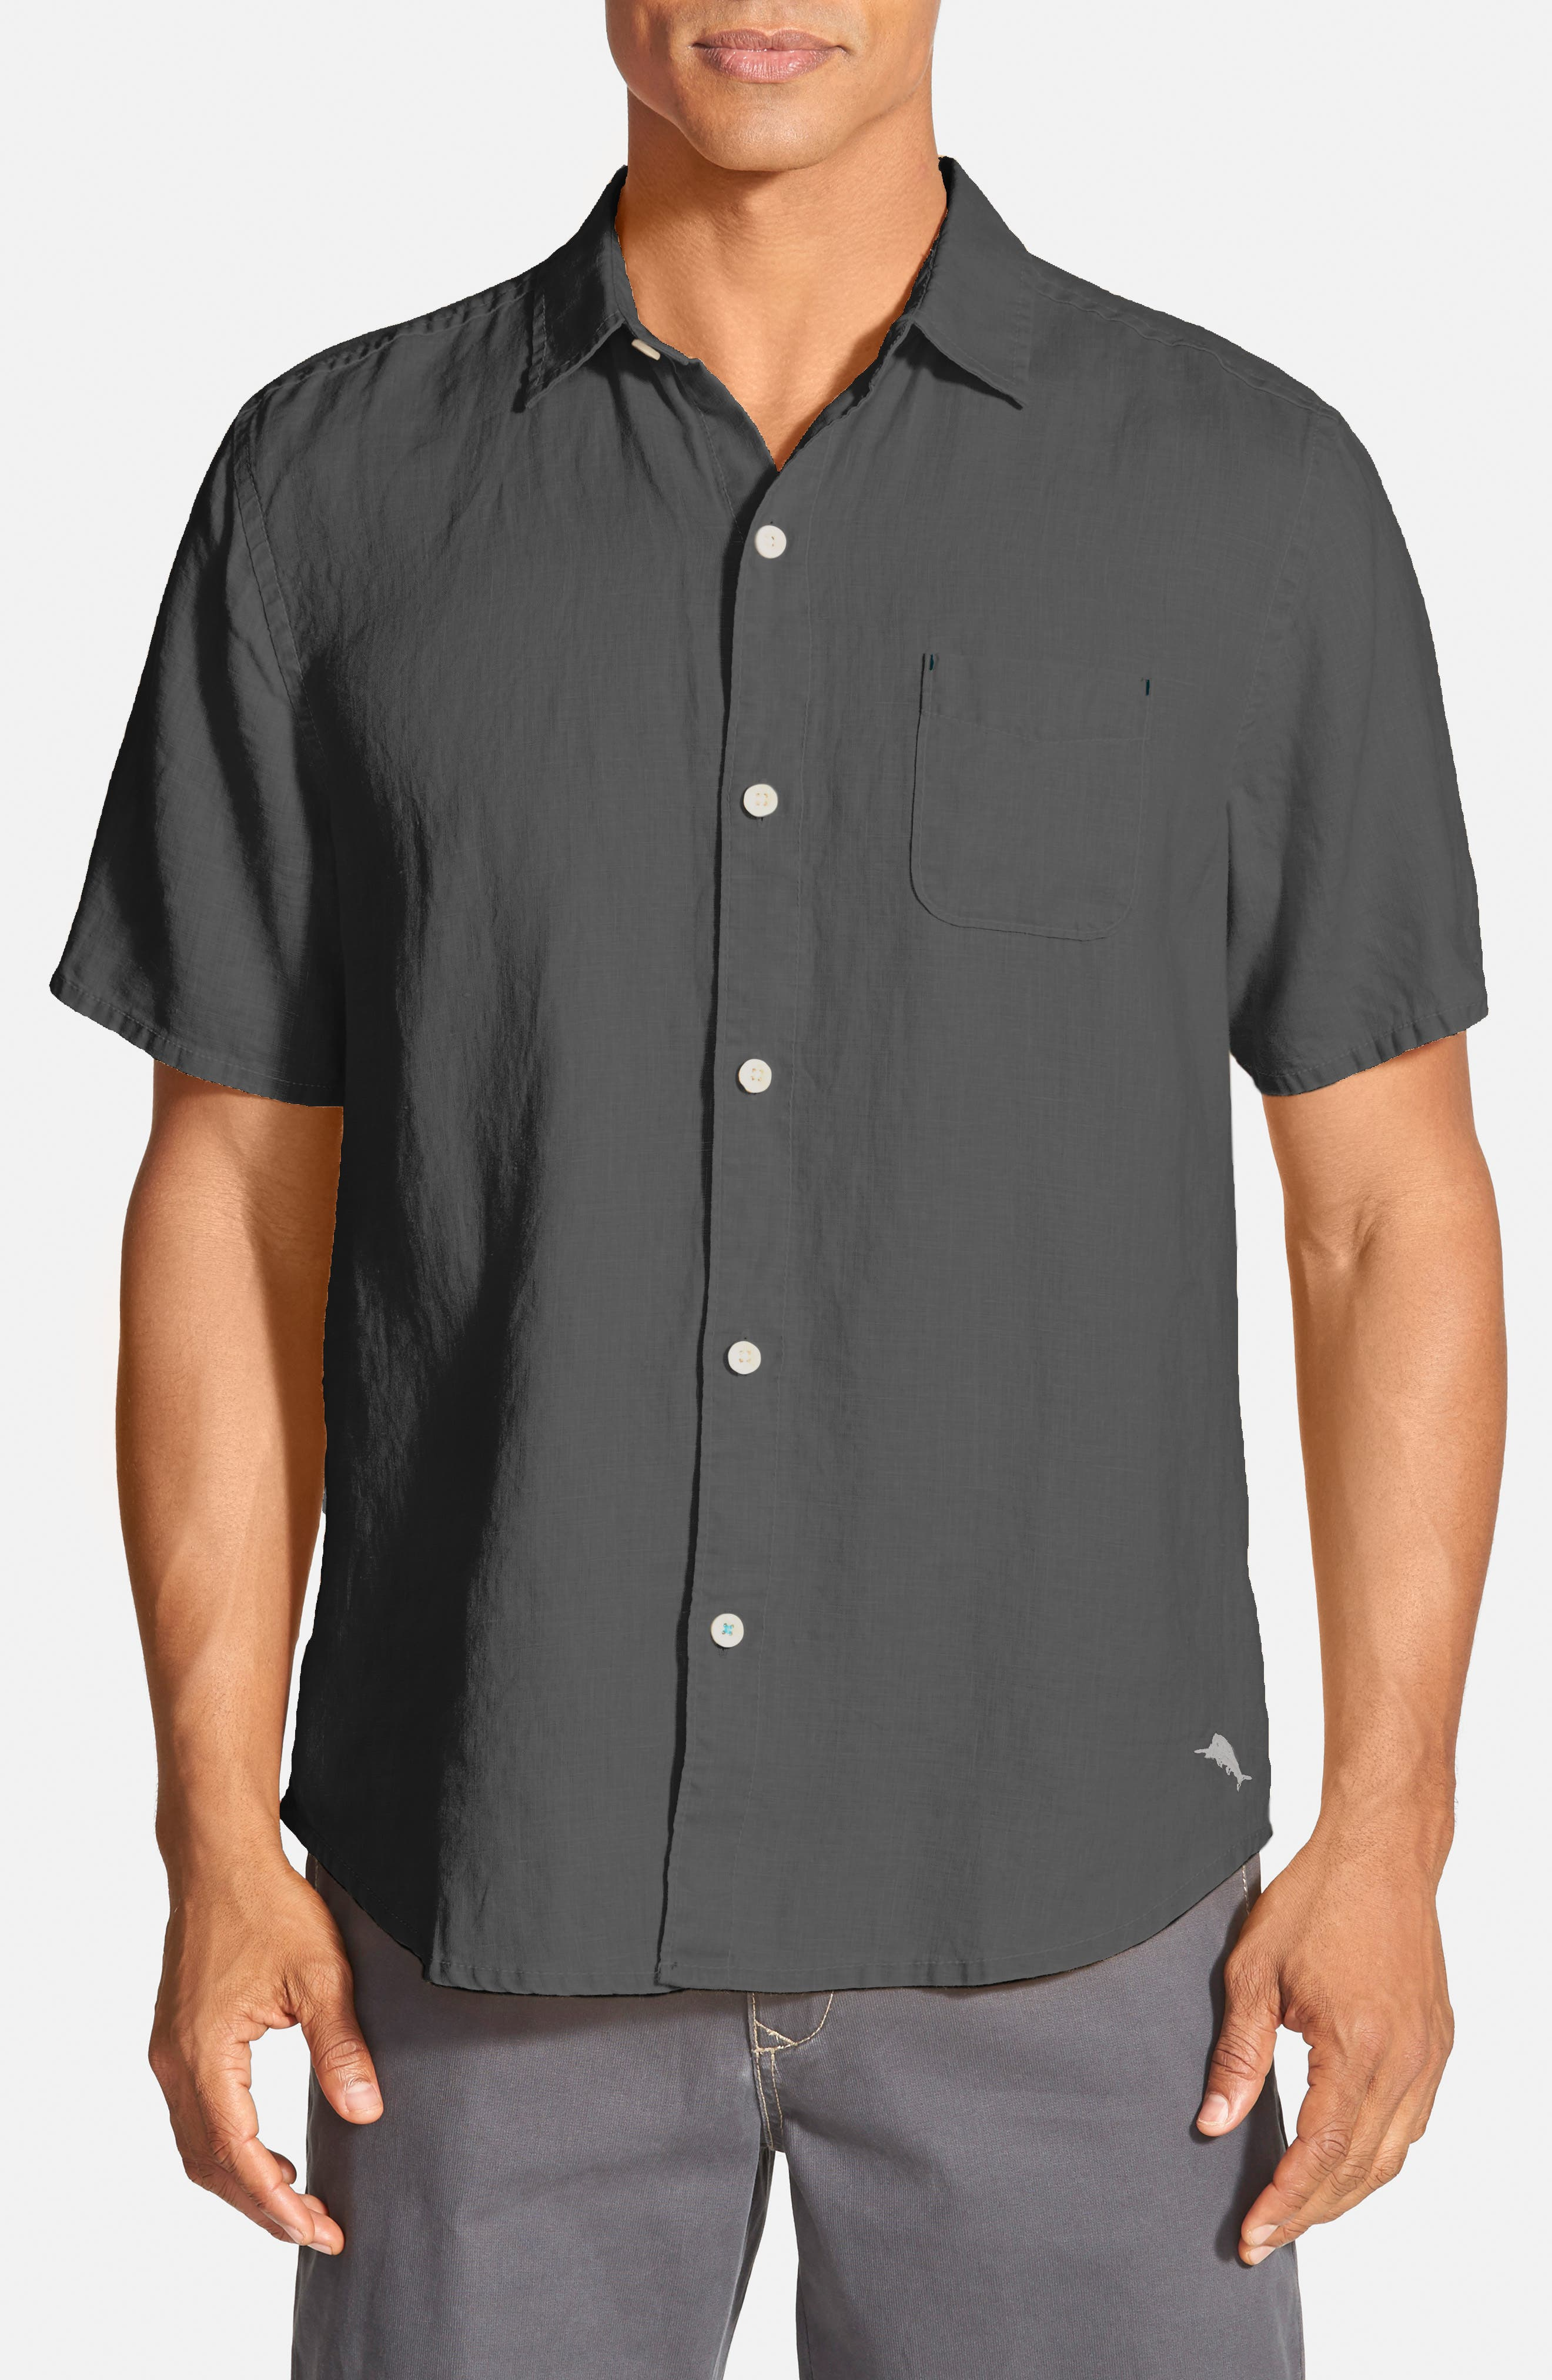 Tommy Bahama Seaglass Breezer Short Sleeve Linen Sport Shirt